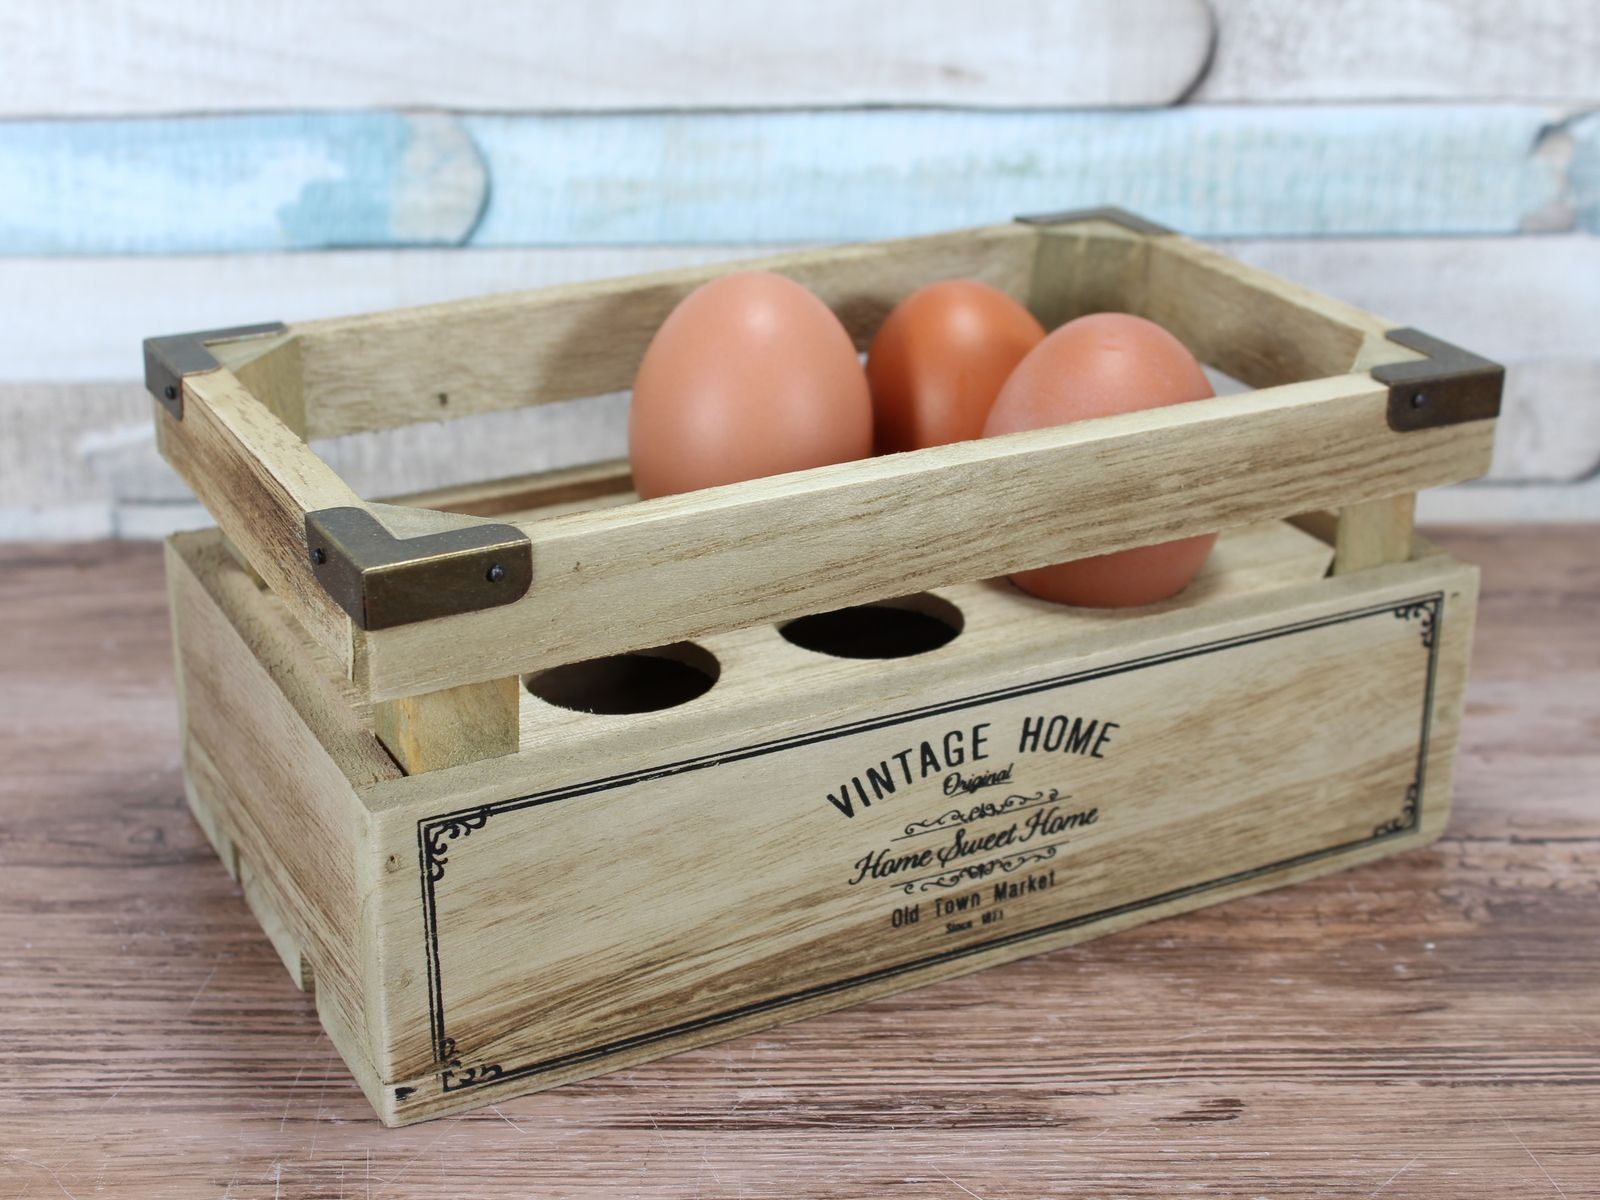 Vintage Home Wooden Egg Crate Holder Holds 6 Eggs 5010792277516 Ebay